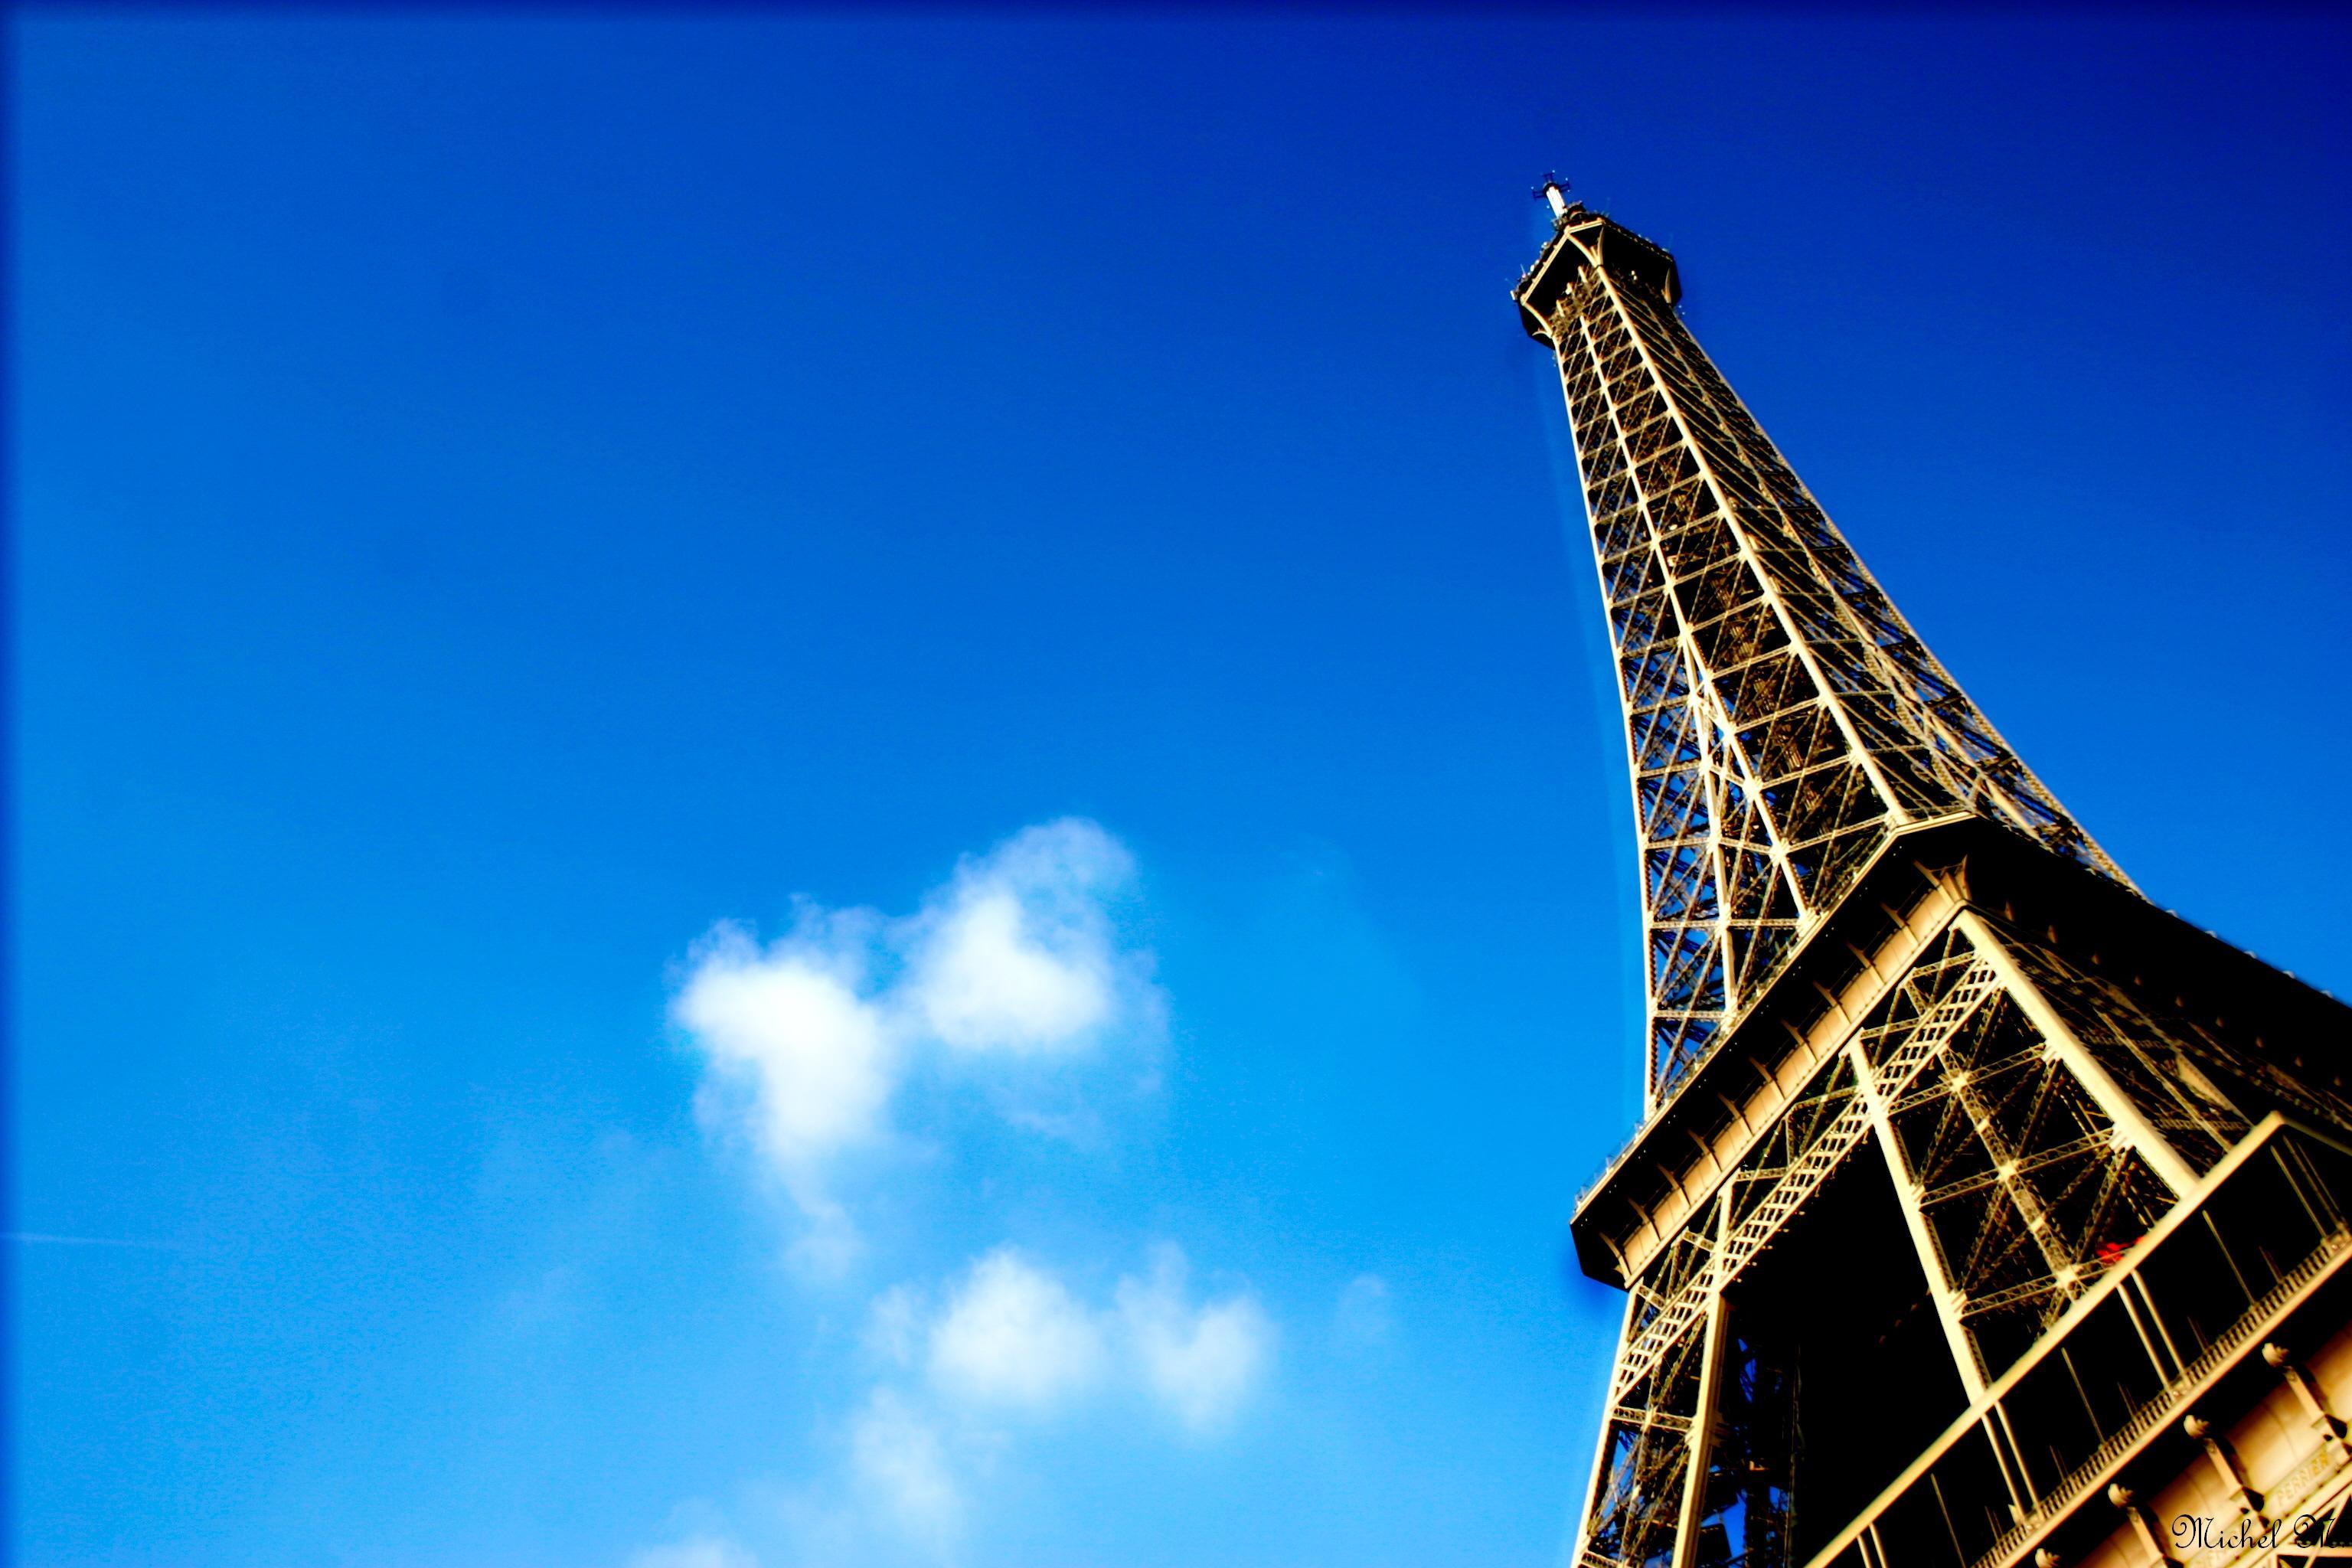 Eiffel Tower by Schuma